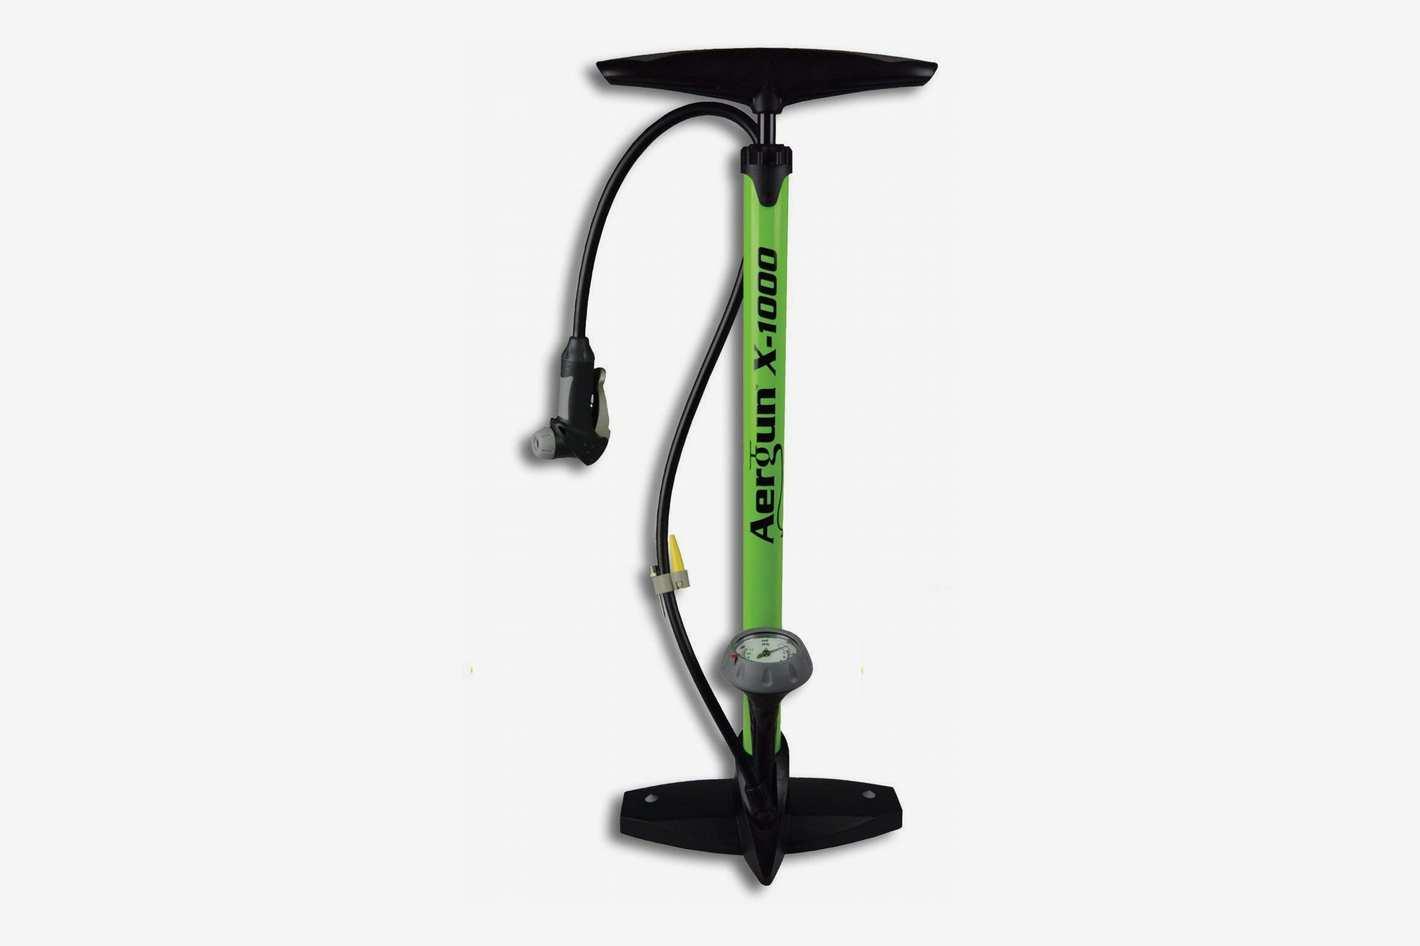 AerGun X-1000 Bike Pump – Unique AerTight Pump Head